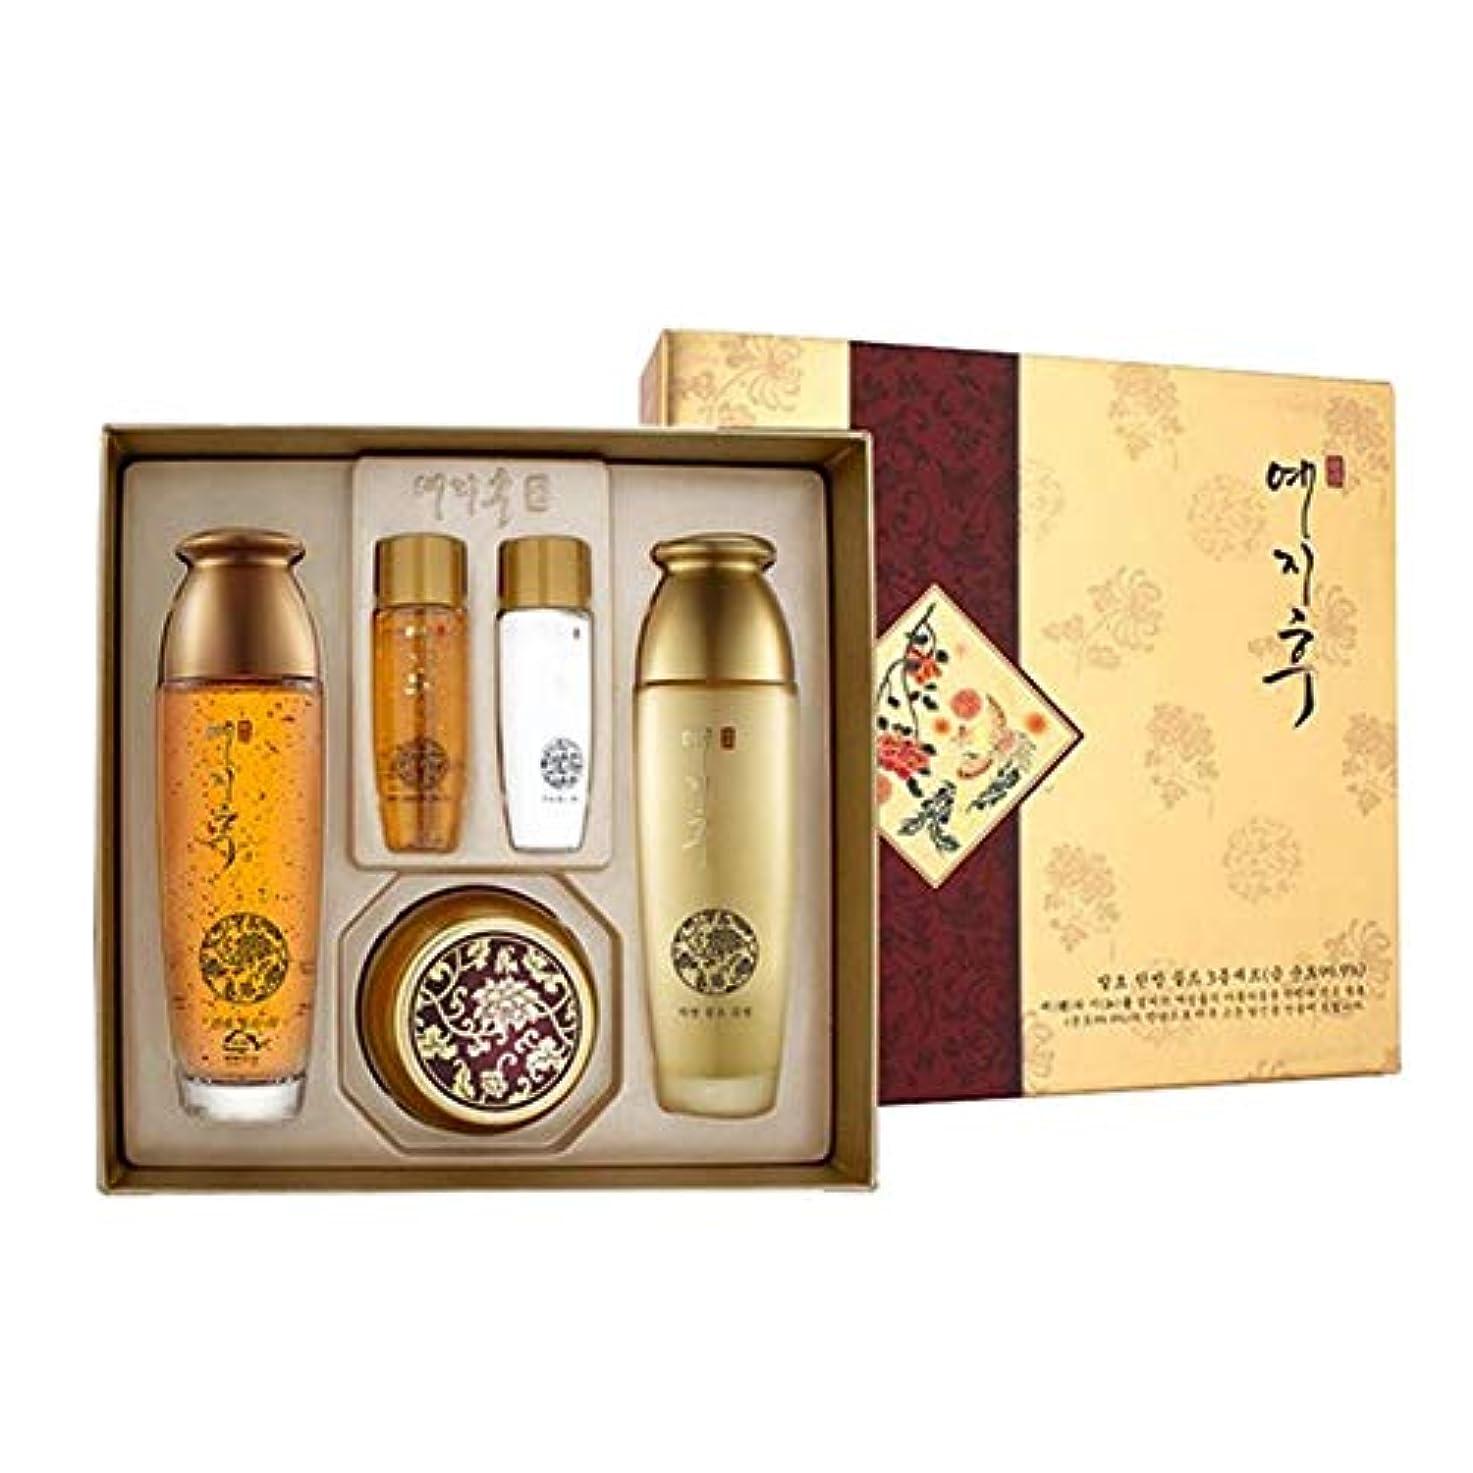 提案するぶどうだますイェジフ漢方ゴールド3種セットゴールド水180ml(150+30) ゴールド乳液180ml(150+30) ゴールド栄養クリーム50ml、Yezihu 3 Sets of Herbal Gold Cosmetics [並行輸入品]